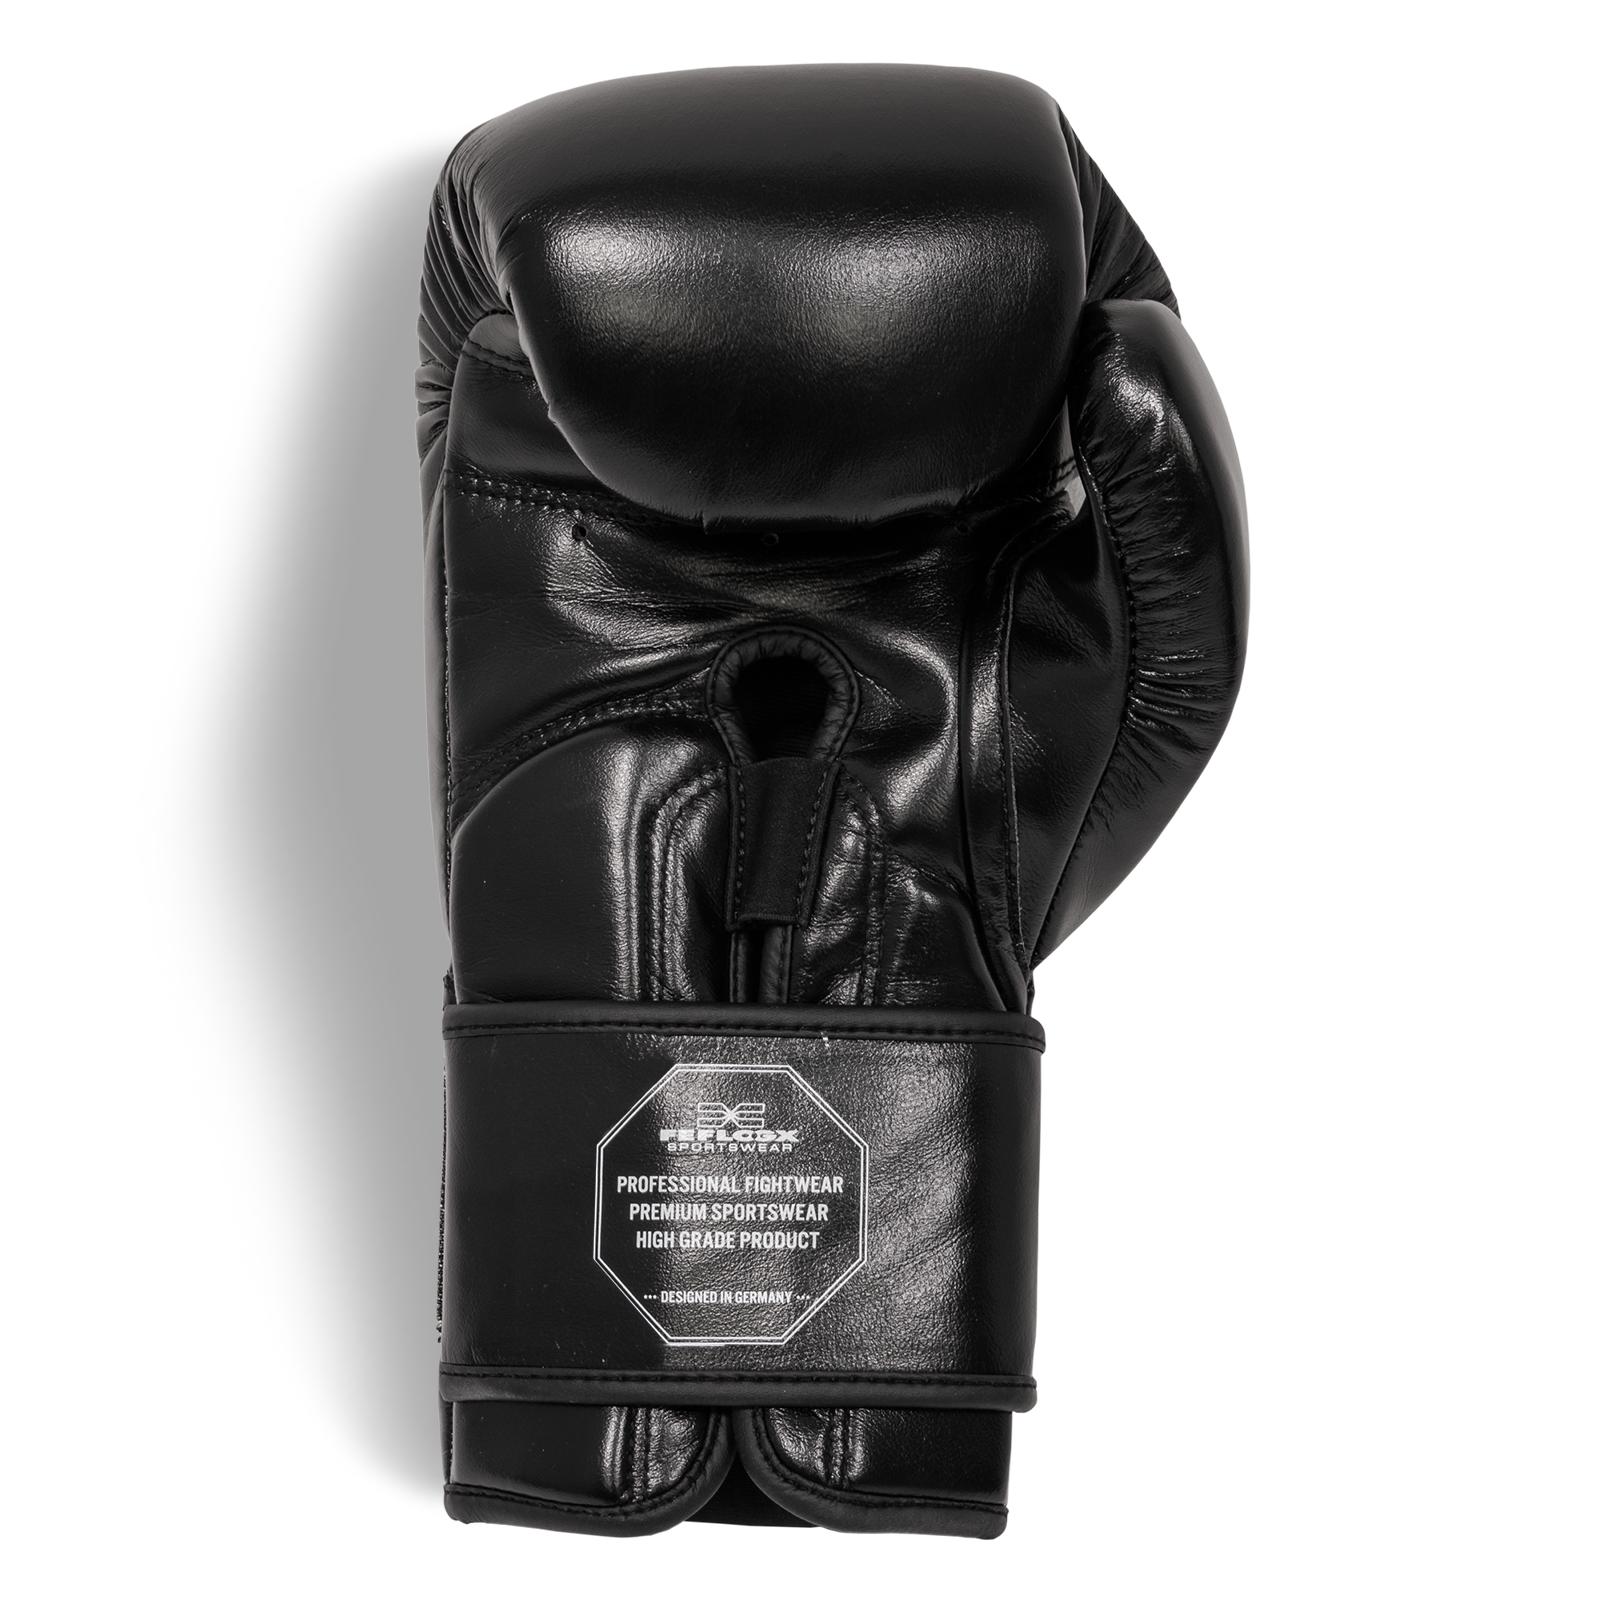 Profi Boxhandschuhe EXC Move von FEFLOGX Sportswear, 10 & 12 & 14 & 16 Unzen, Boxen, hochwertigstes Echt-Leder, untere Ansicht weiß.